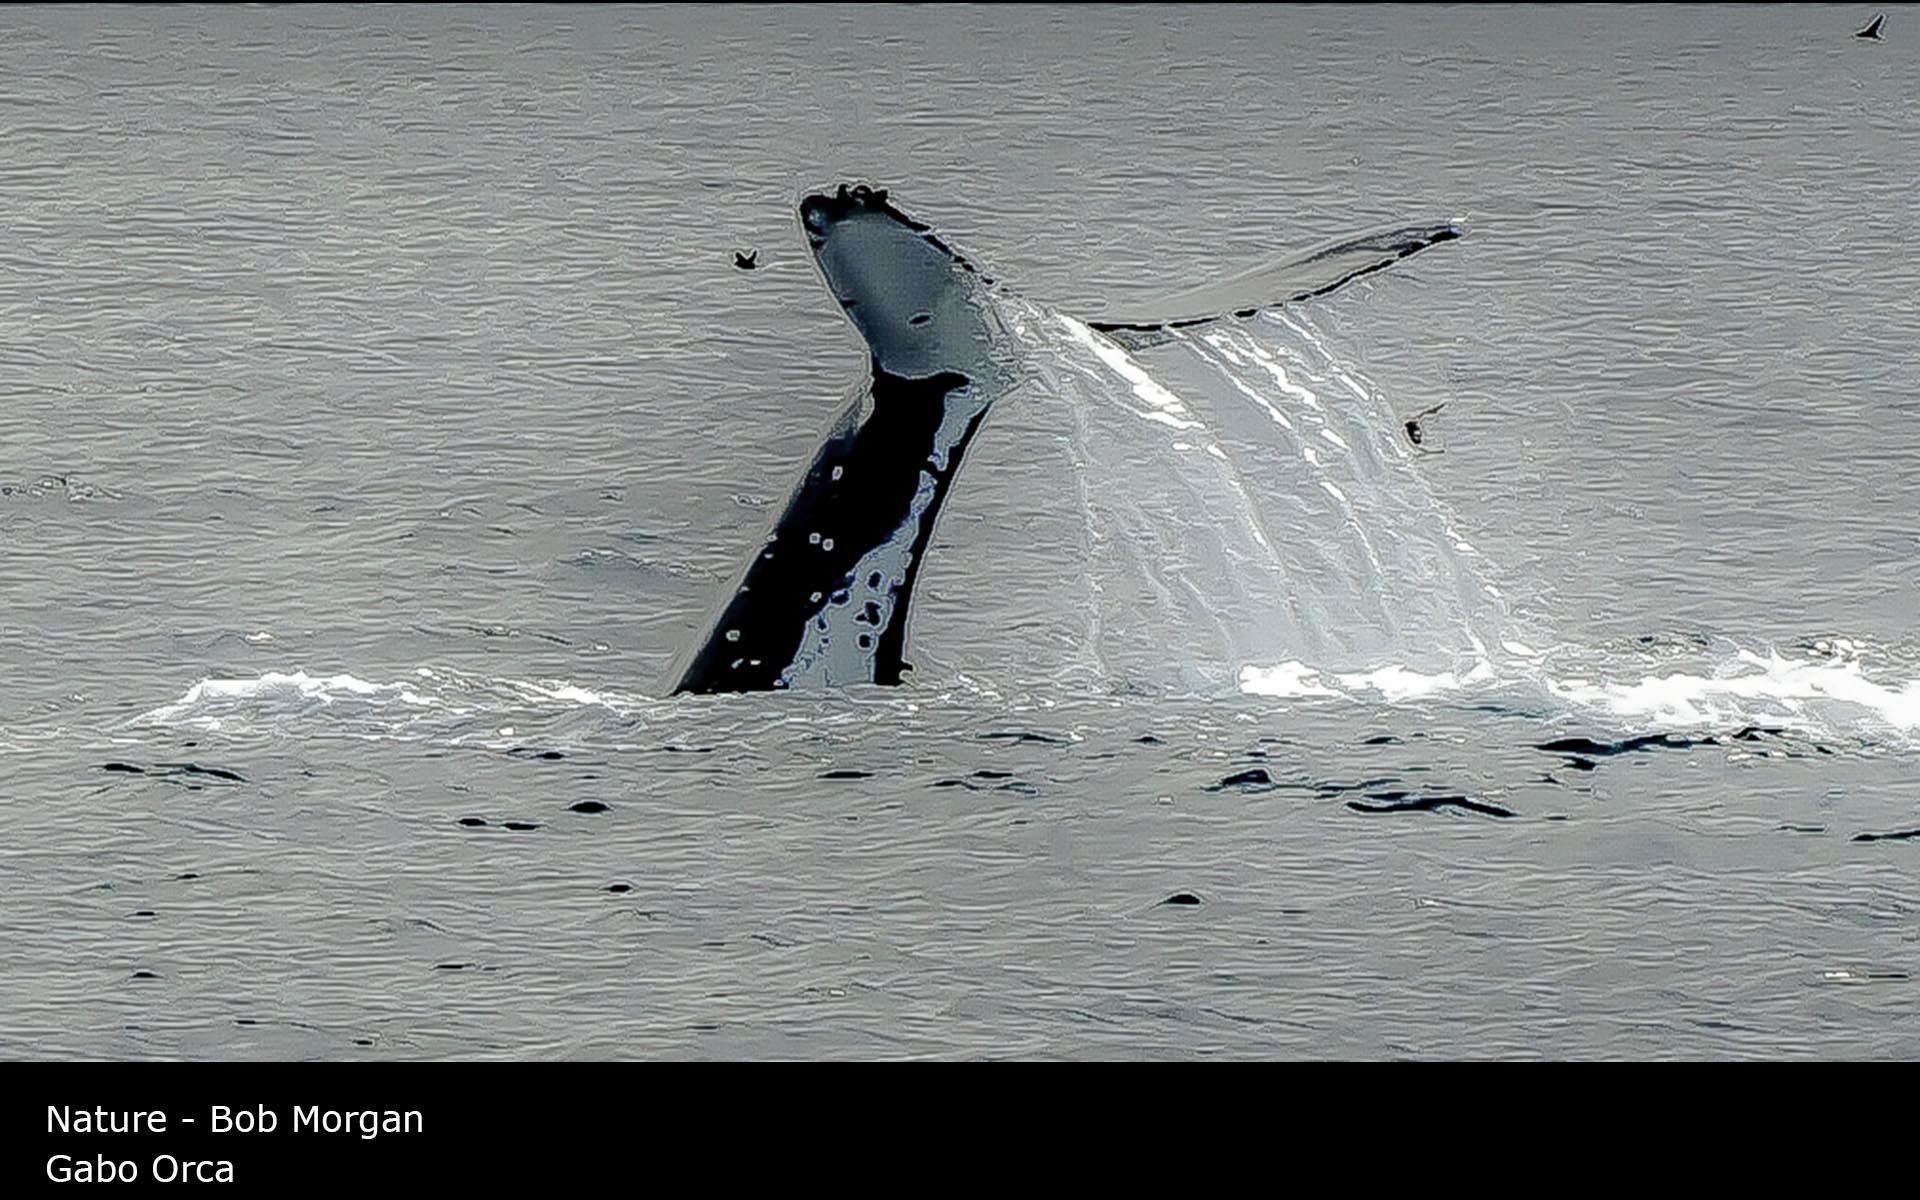 Gabo Orca - Bob Morgan